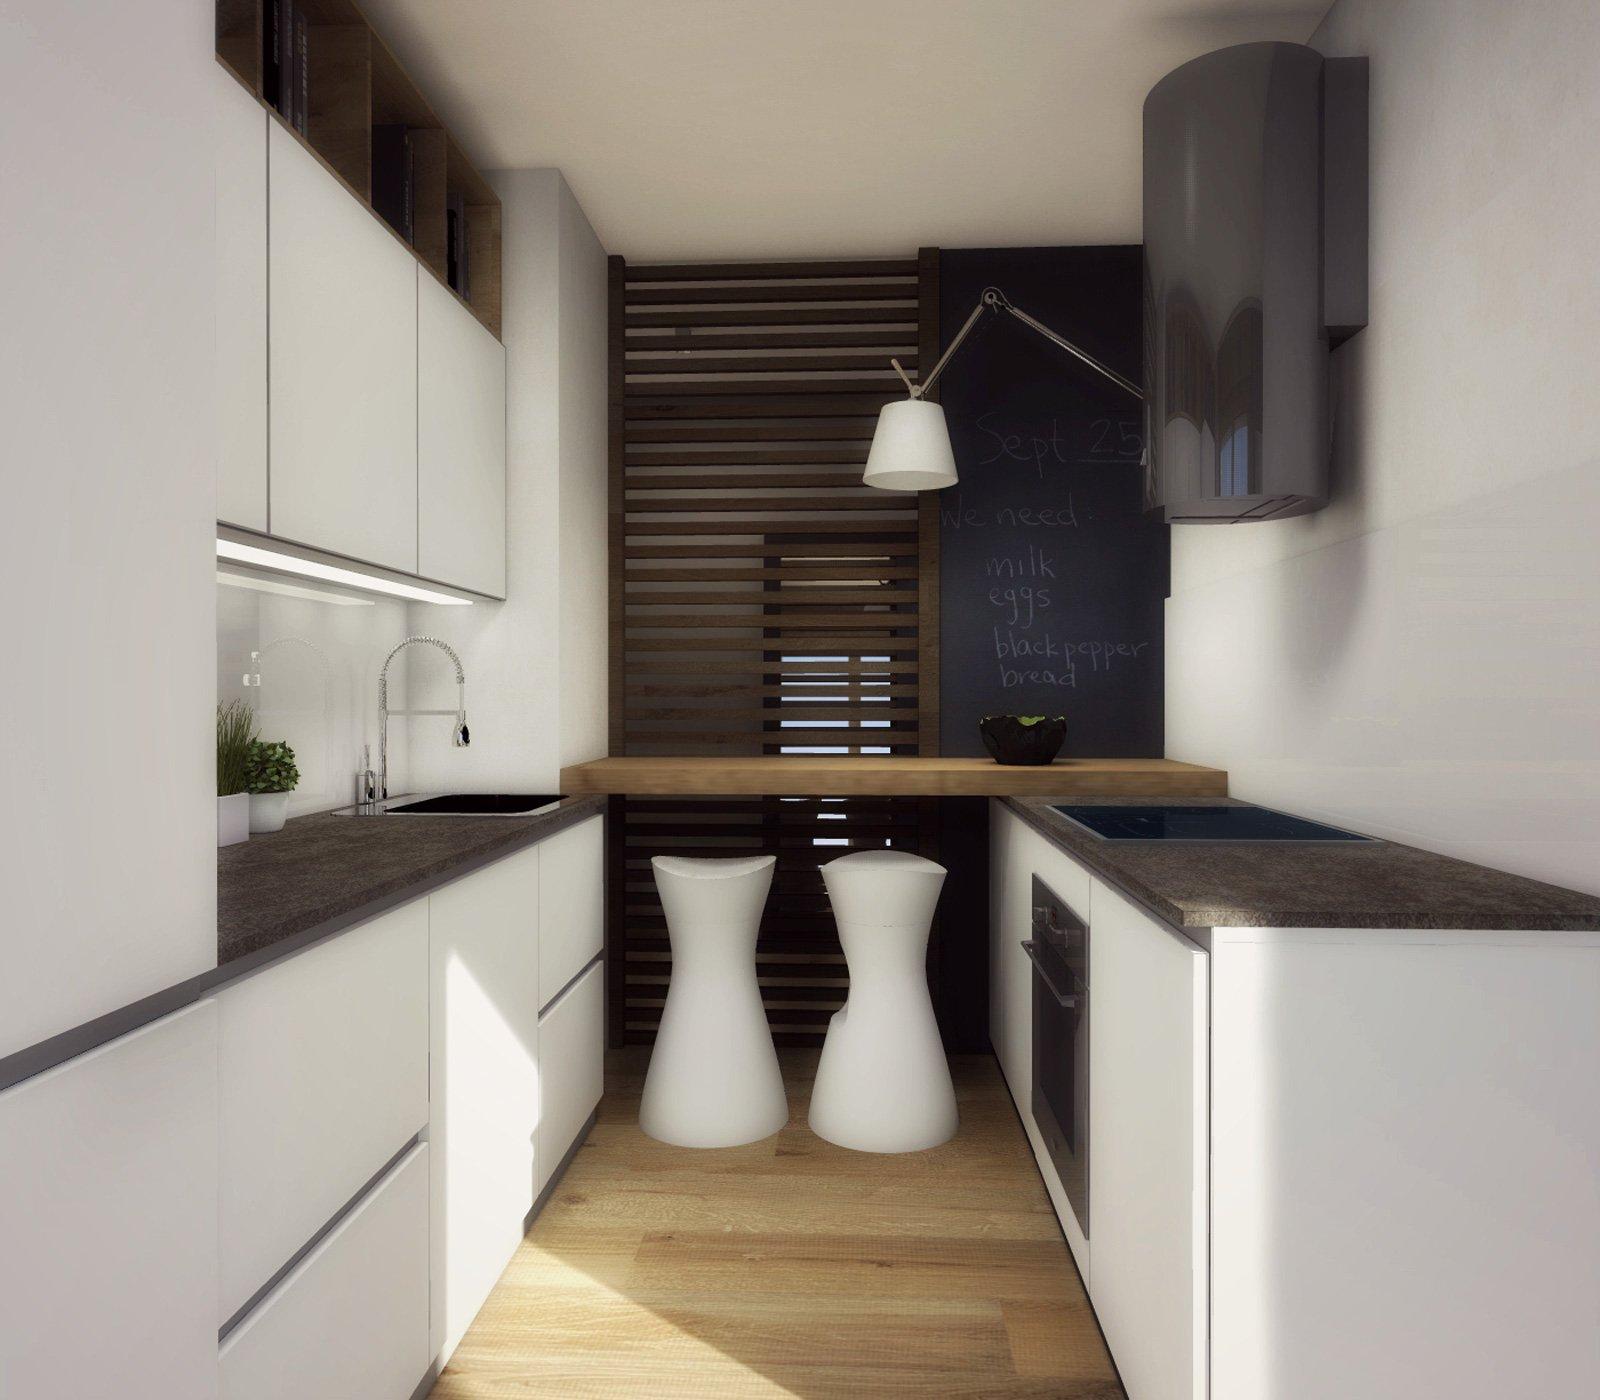 Arredamento cucine piccole un progetto per meno di 6 mq for Piccole immagini del piano casa